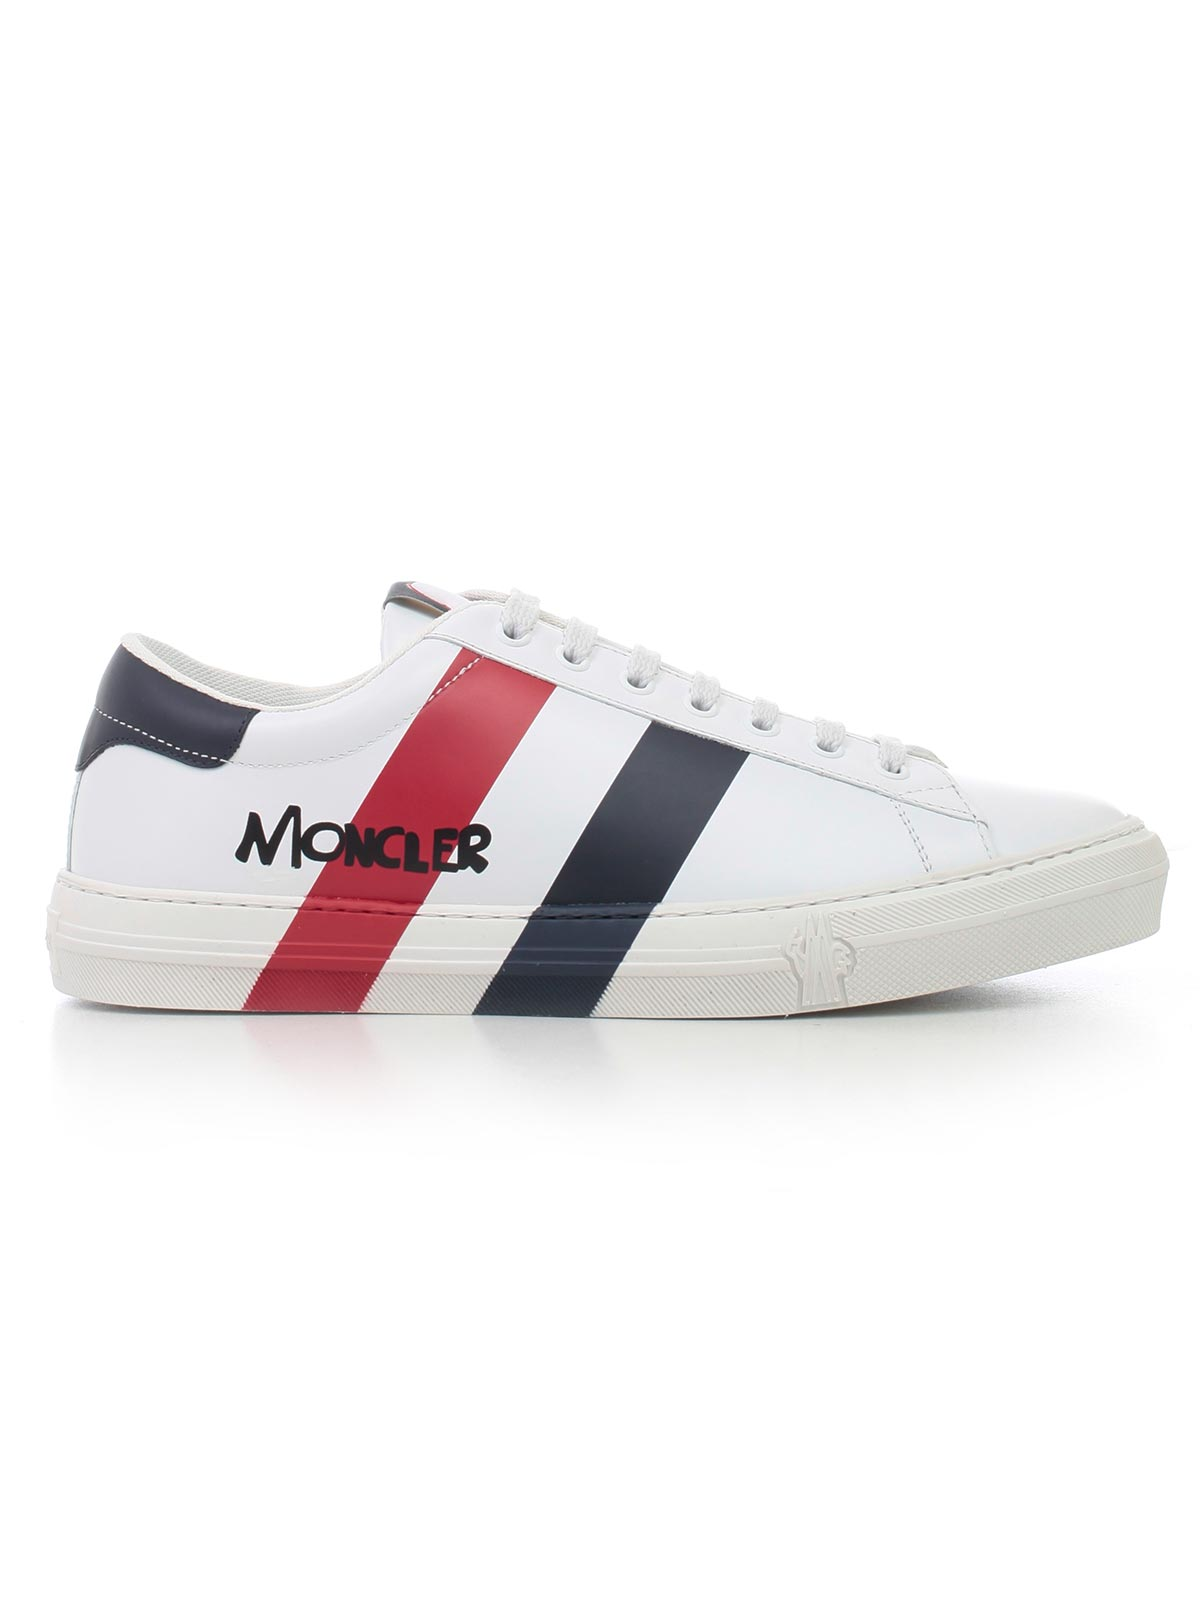 ed3444d34 Moncler Shoes